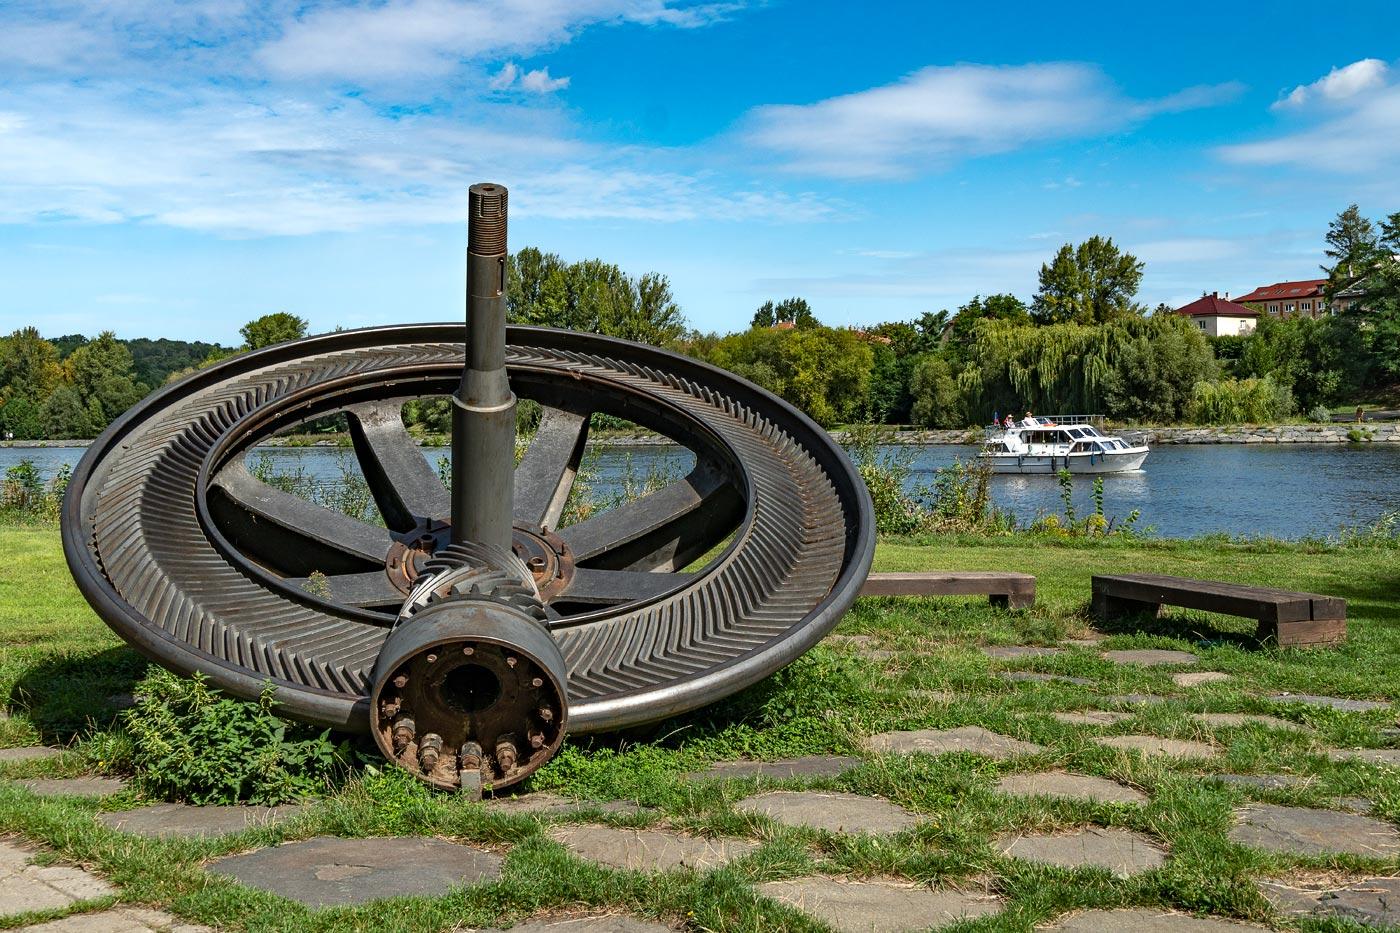 Передаточное колесо турбины гидроэлектростанции 1924 года, Кралупы над Влтавой